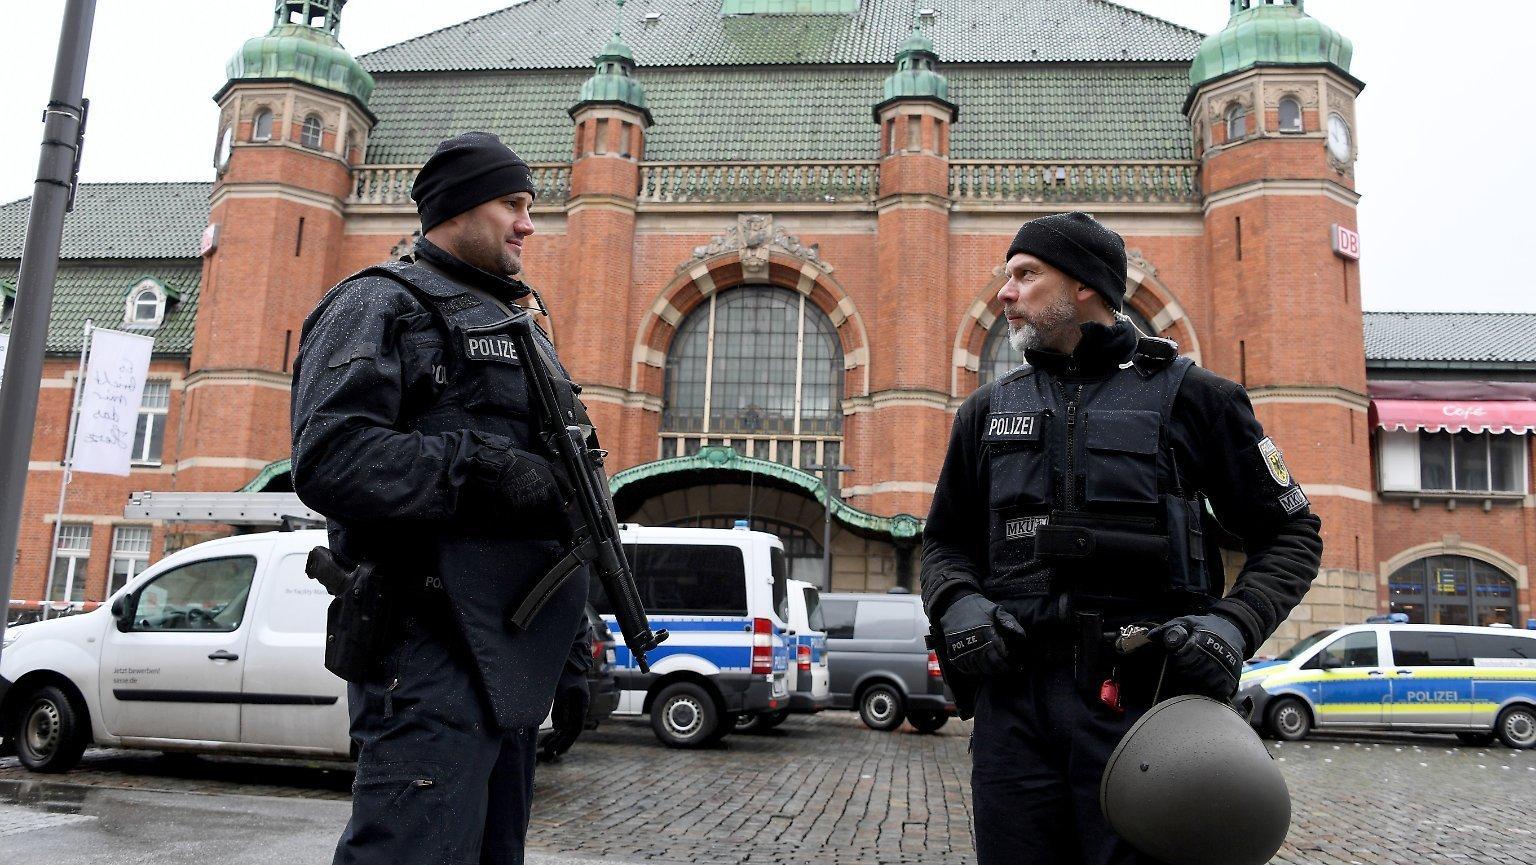 Οι γερμανικές αρχές ερευνούν απειλητικά μέιλ εναντίον πολιτικών, δημοσιογράφων και δικηγόρων